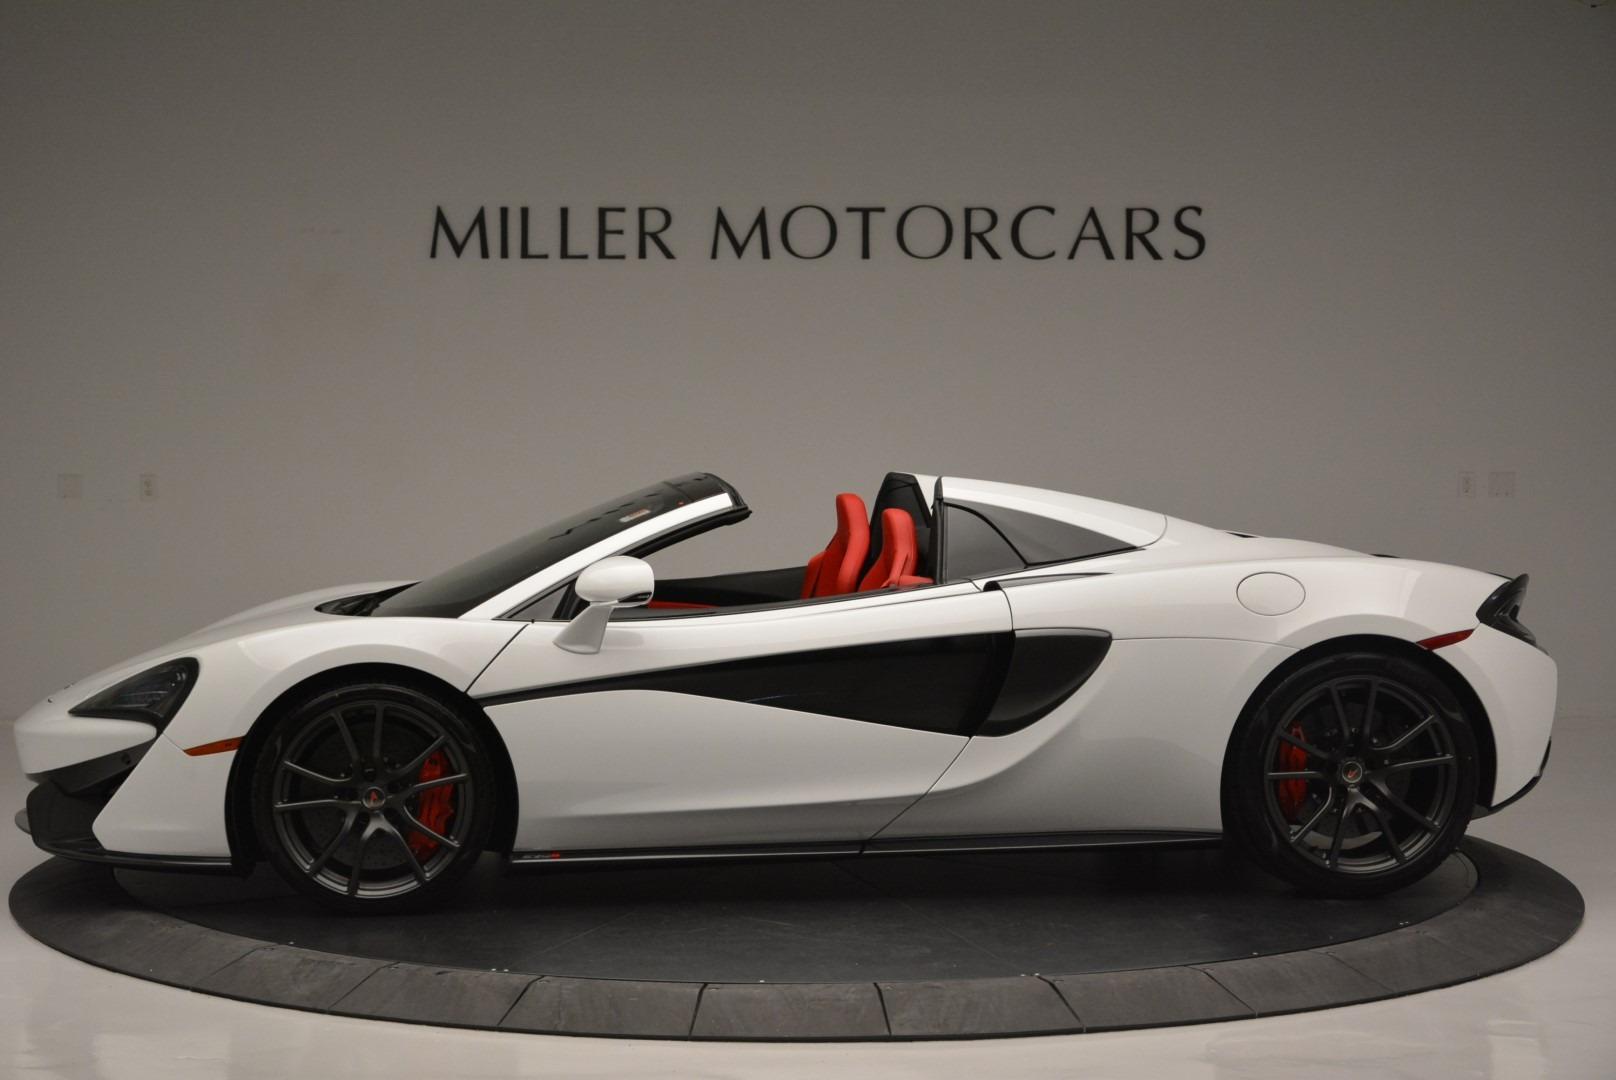 Used 2018 McLaren 570S Spider For Sale In Westport, CT 2341_p3